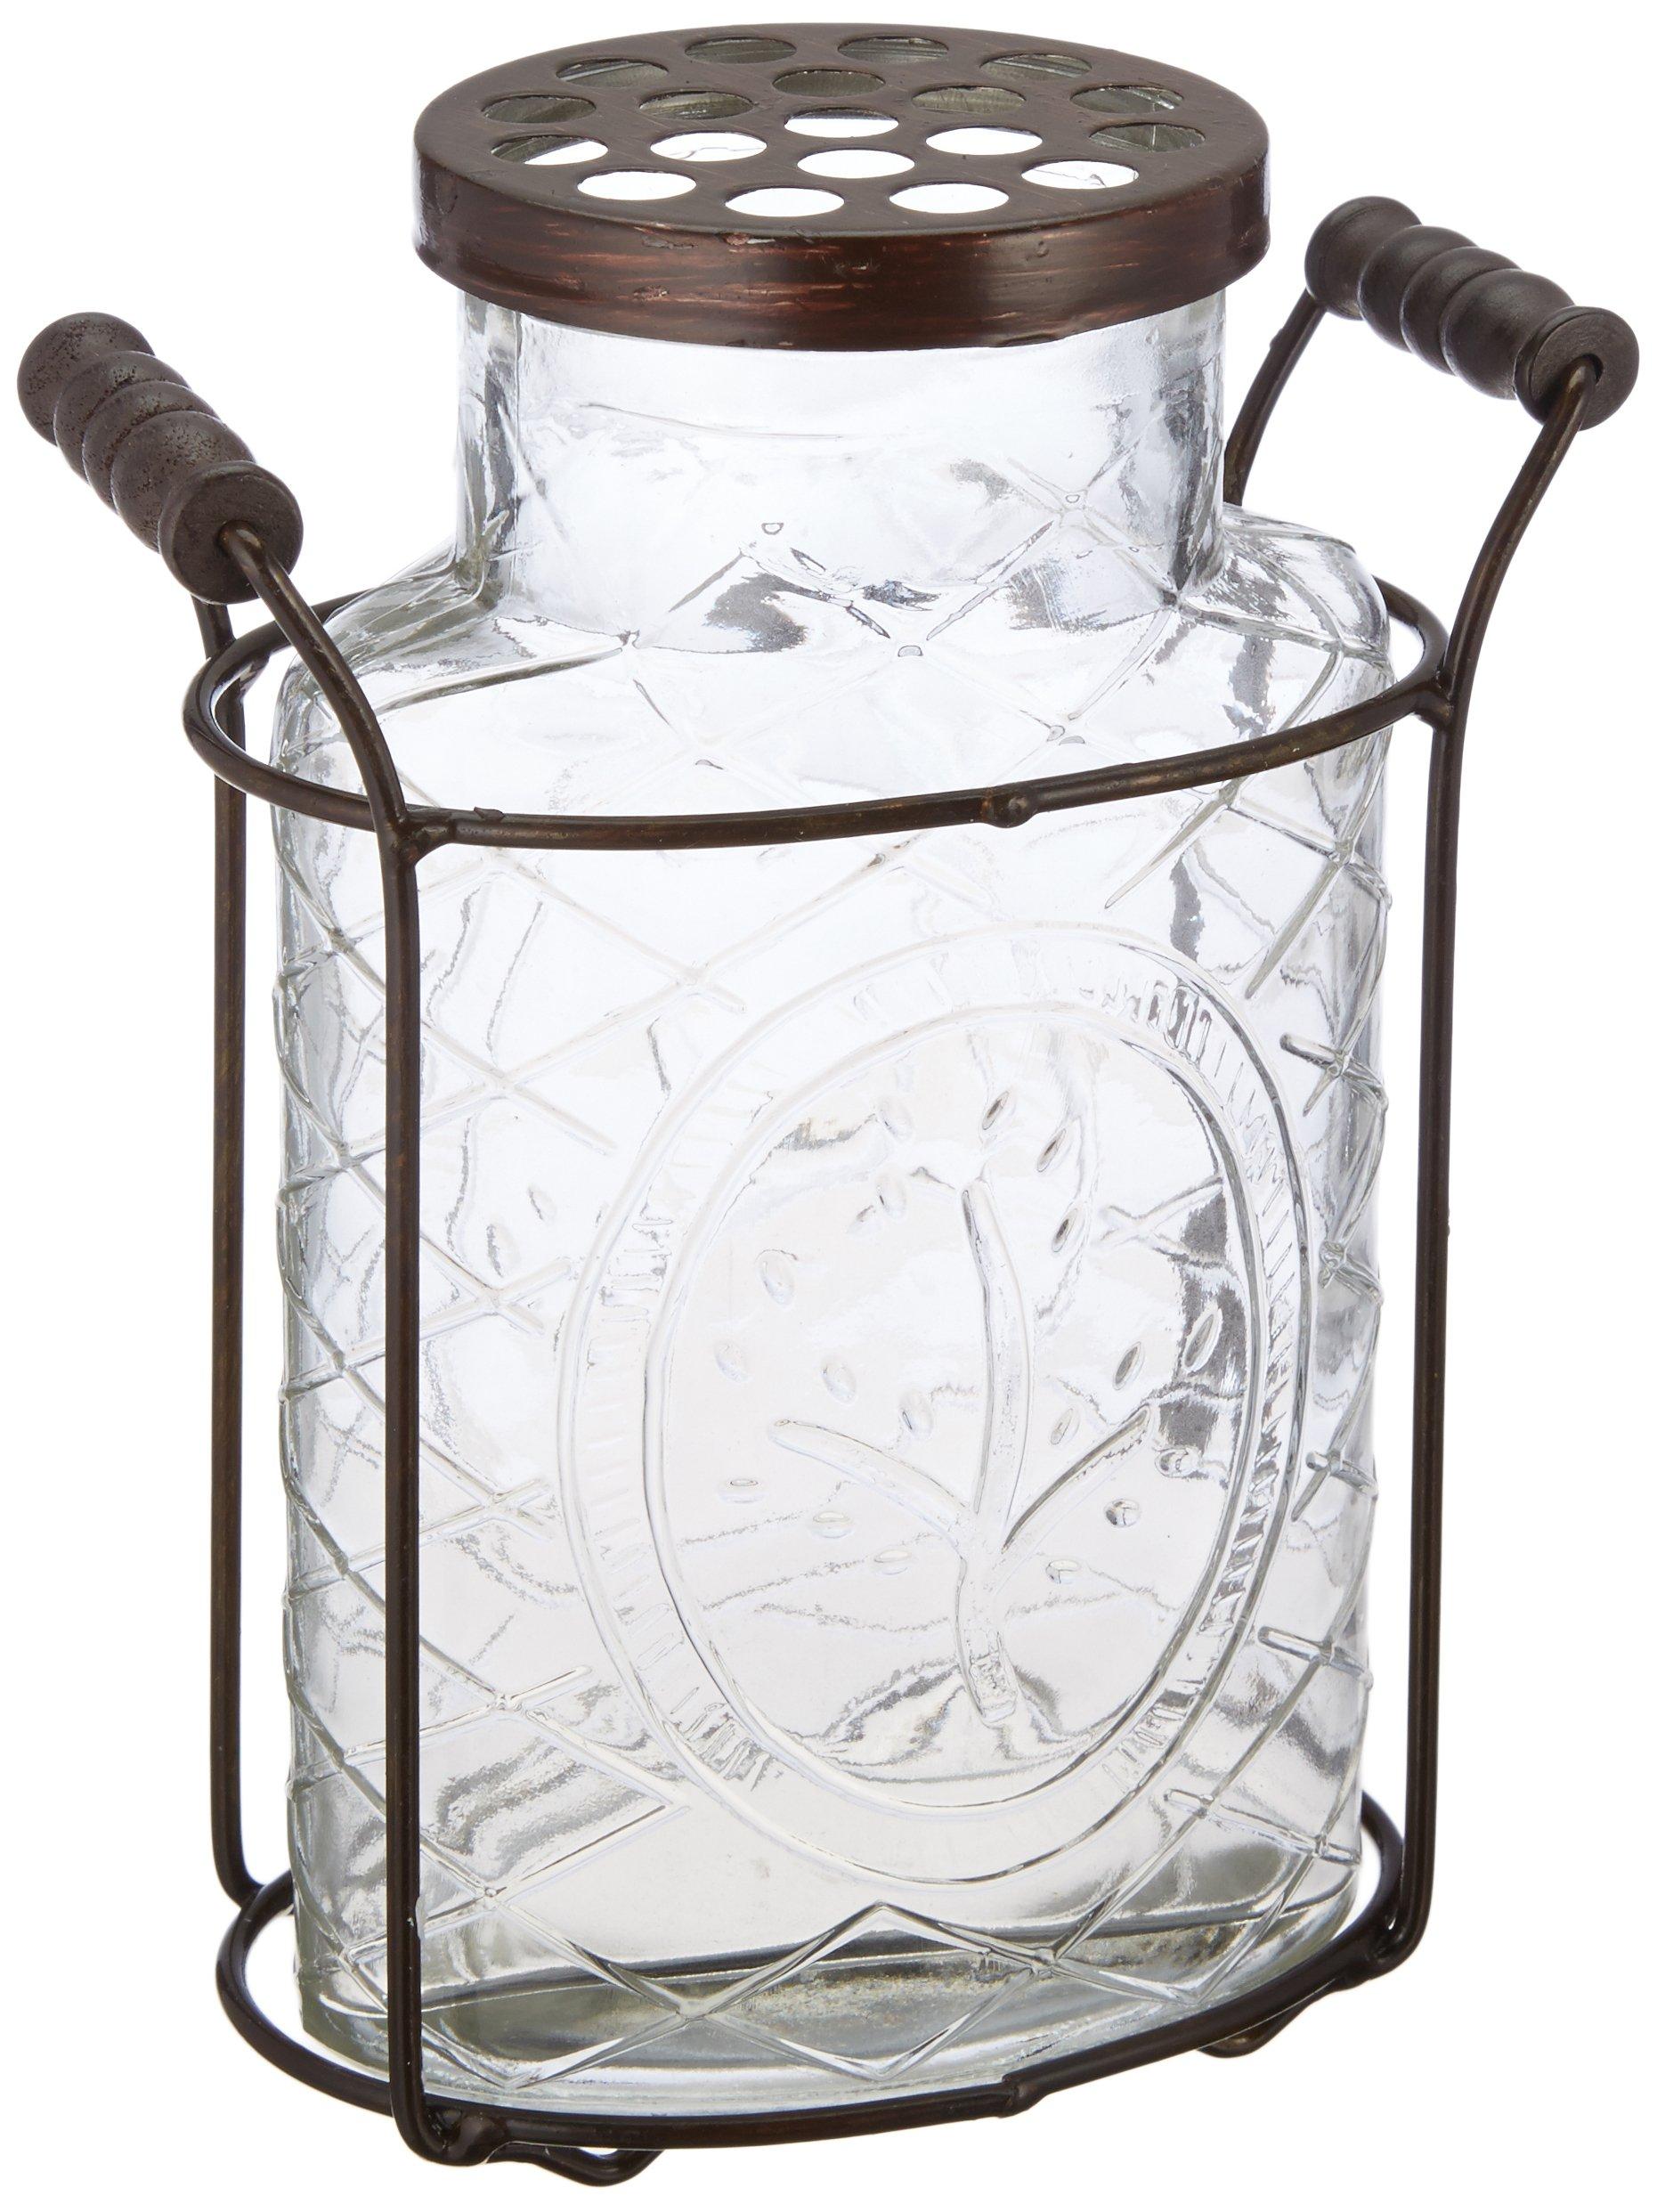 Creative Co-Op DE3877 Large Glass Vase with Frog Lid & Holder